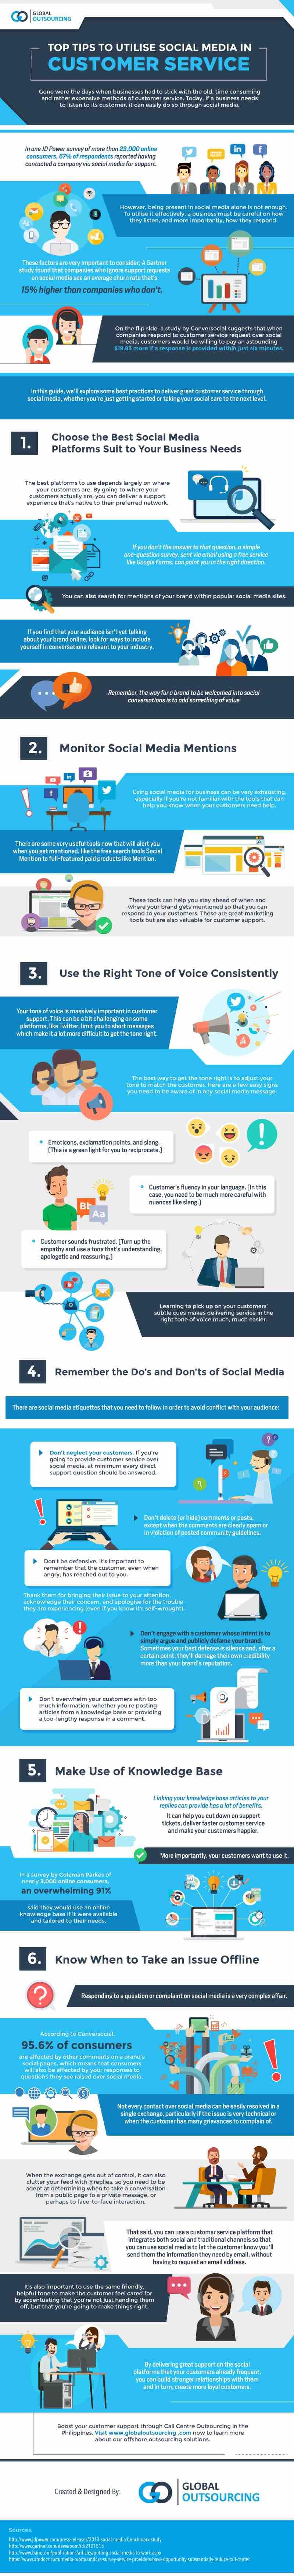 social media in customer service